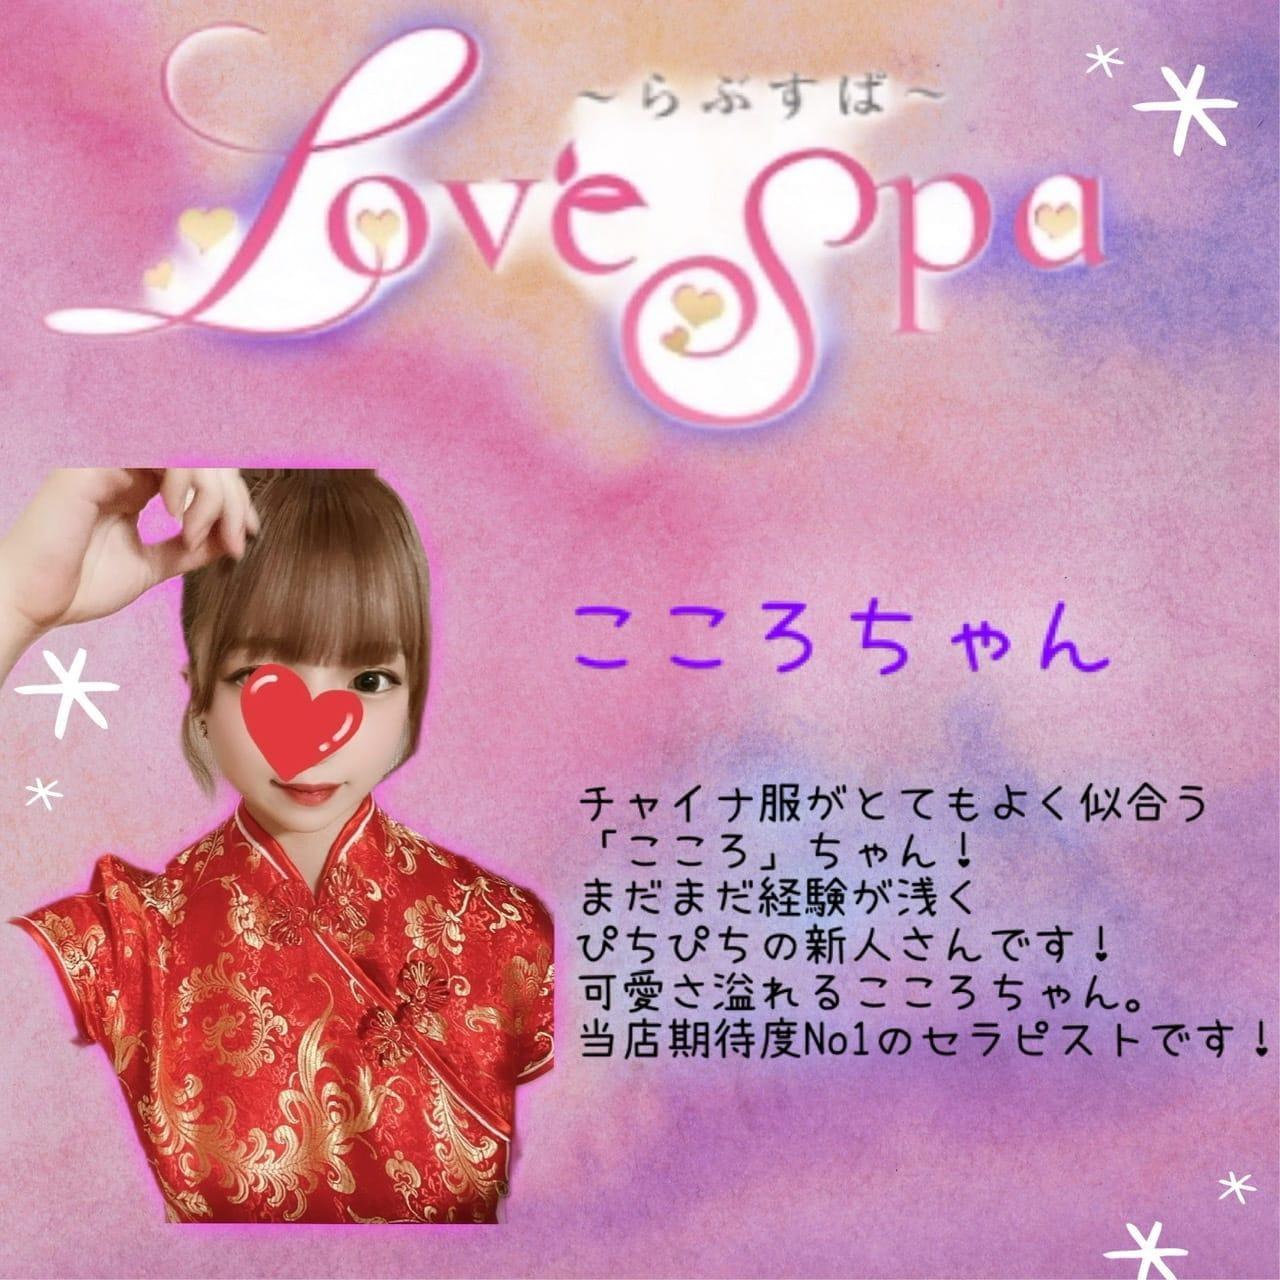 「本日こころちゃん22:00」09/23(木) 19:56 | LoveSpa ~ラブスパ~の写メ日記